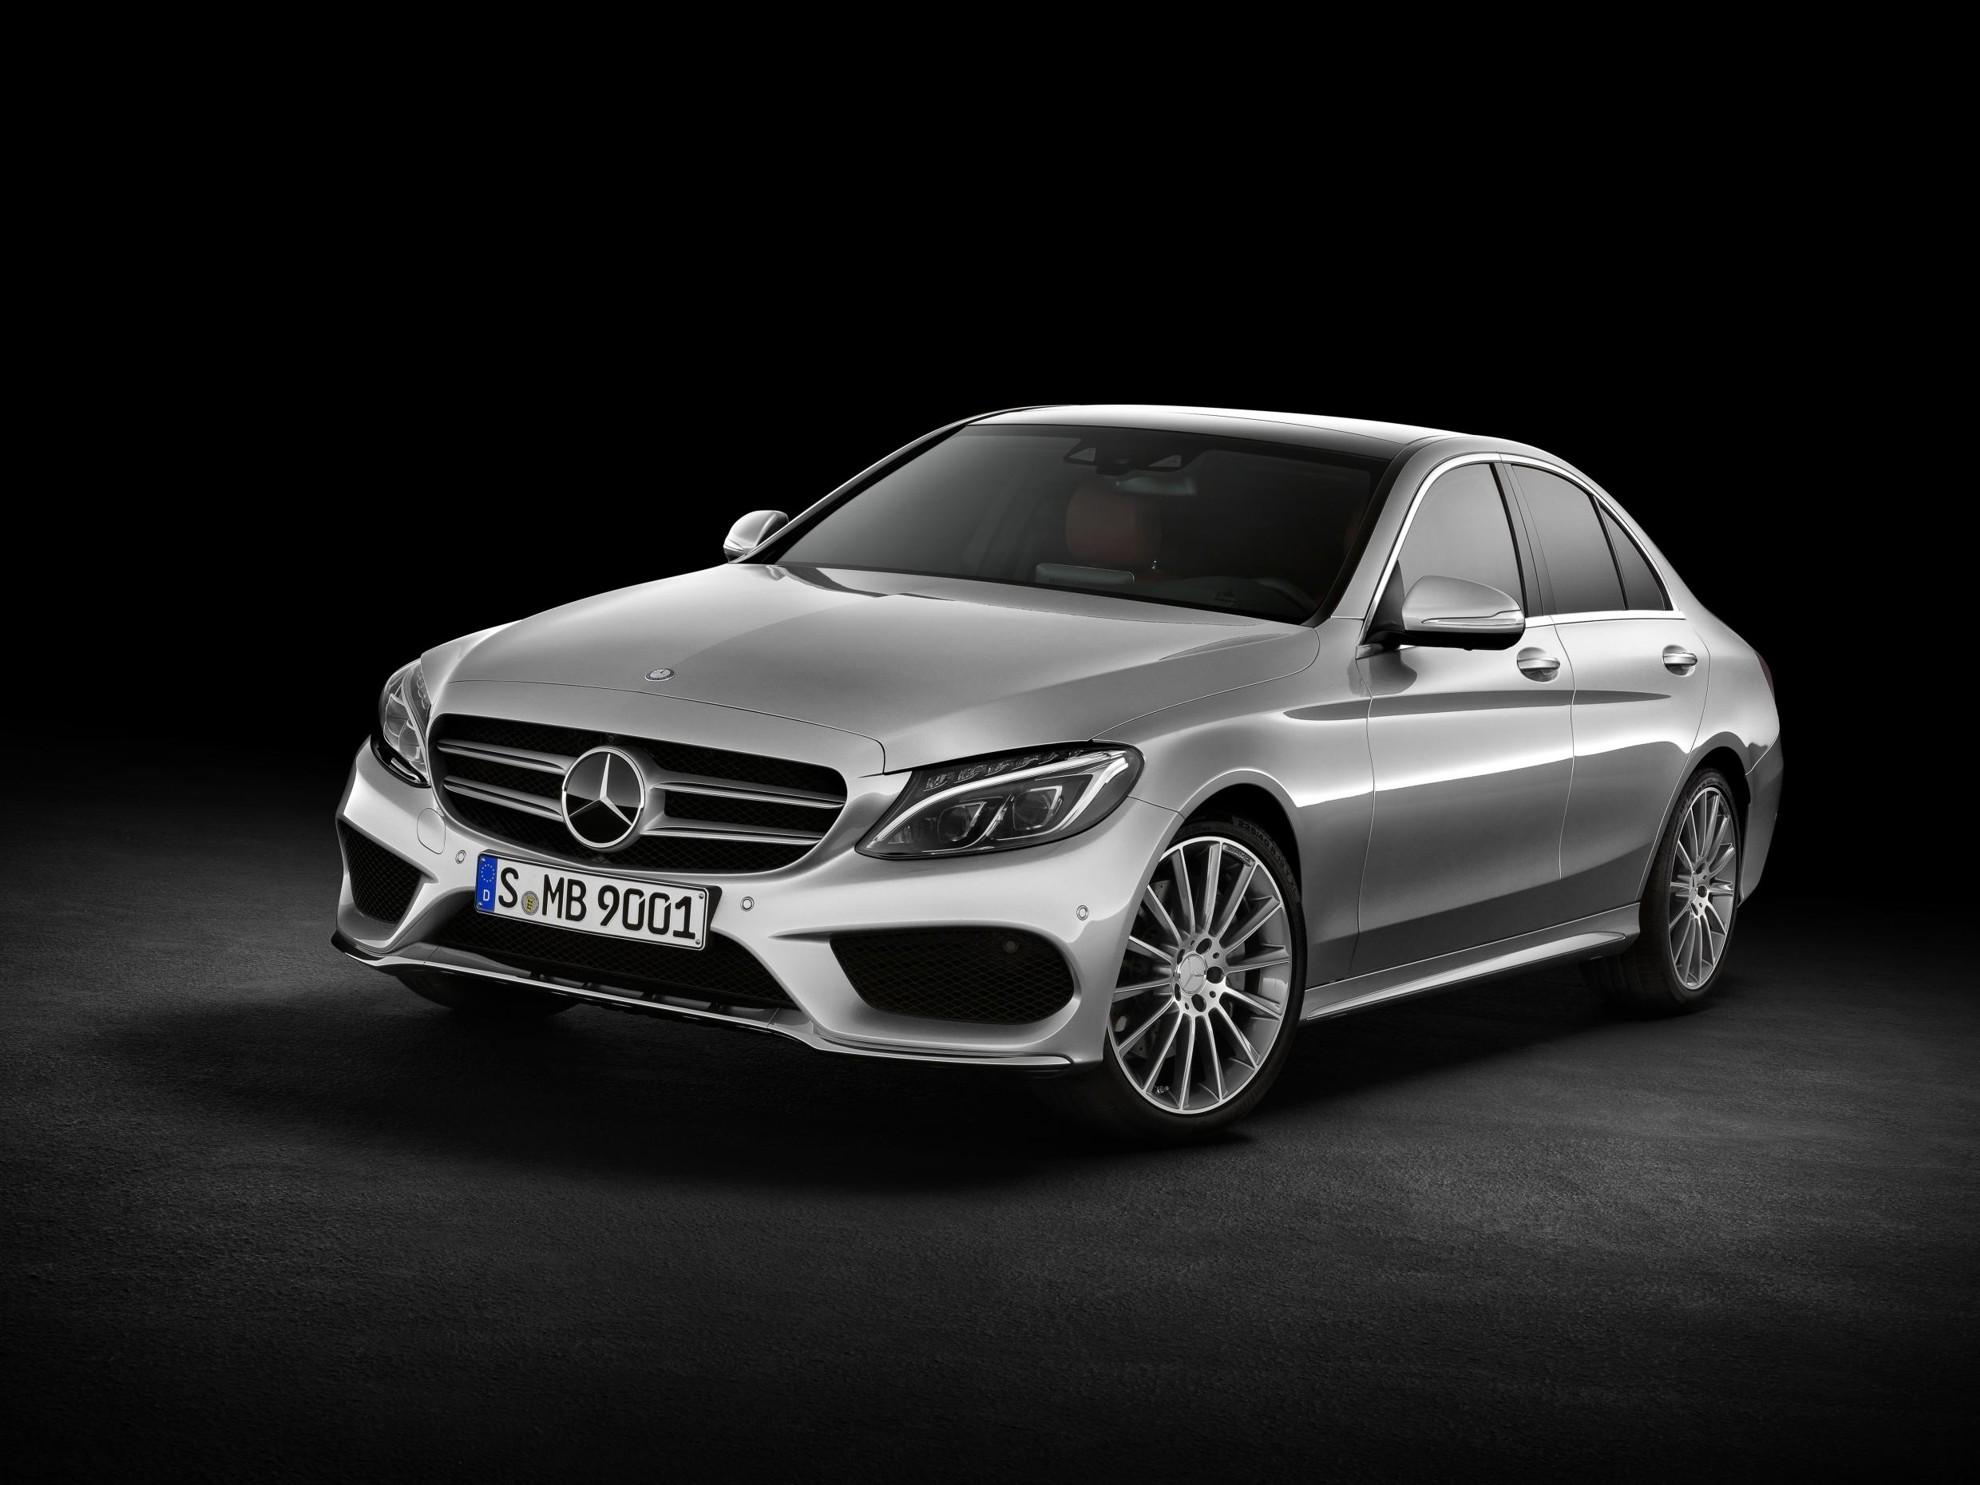 Mercedes Benz C-Class High Resolution Desktop Backgrounds